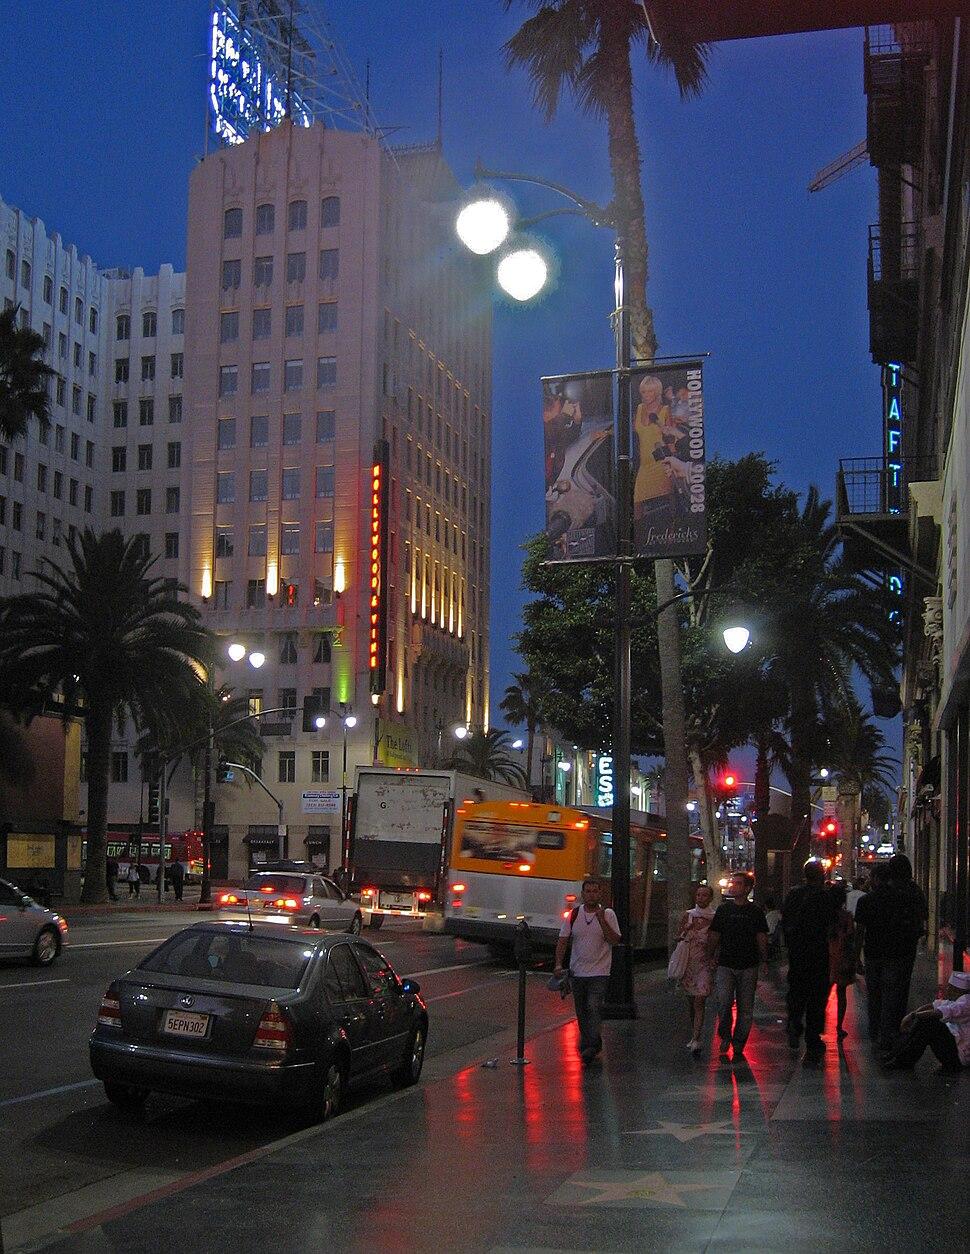 Hollywood Blvd at night